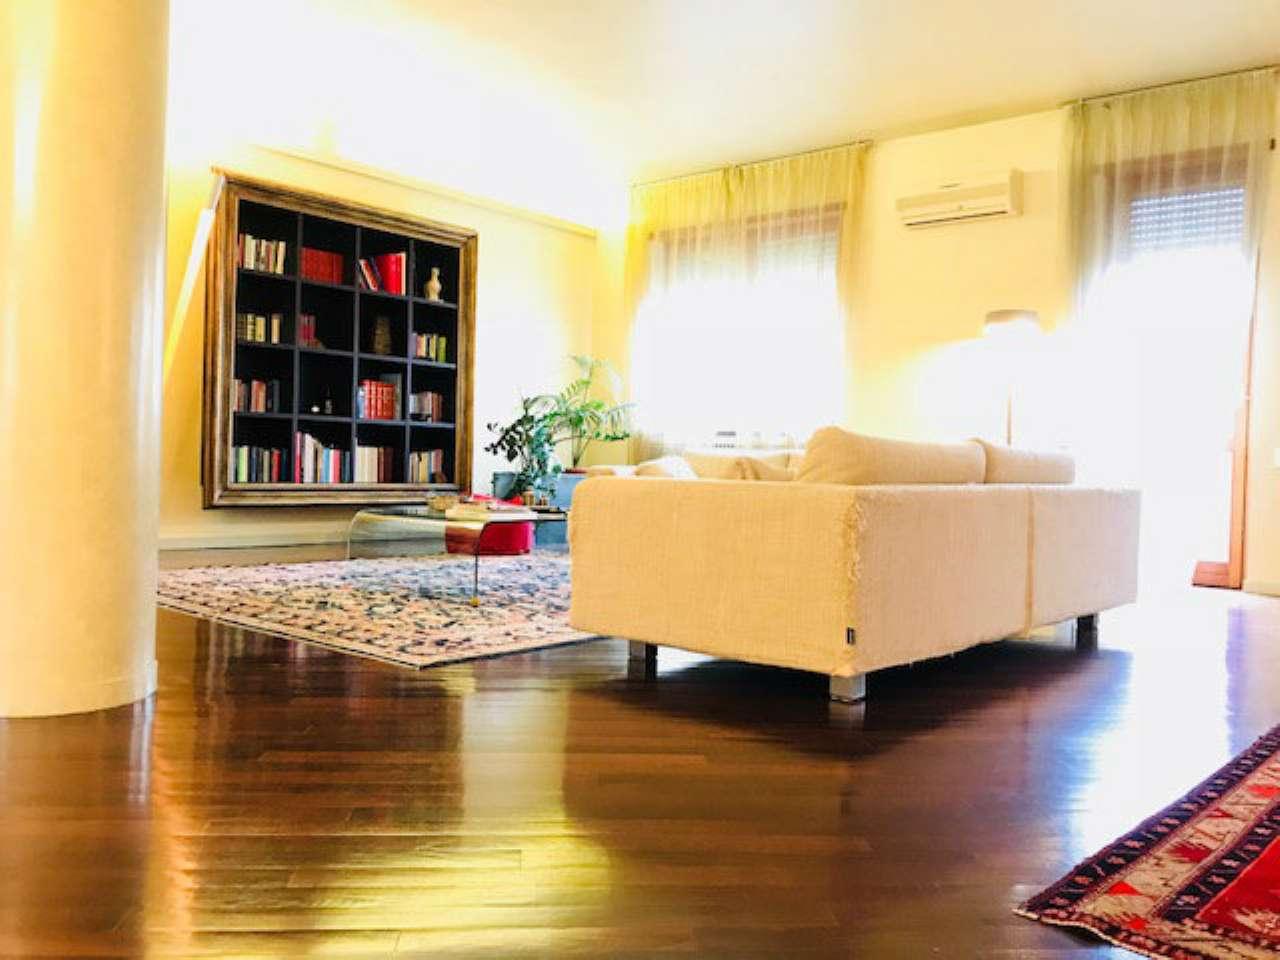 Attico / Mansarda in vendita a Piacenza, 6 locali, prezzo € 560.000 | PortaleAgenzieImmobiliari.it